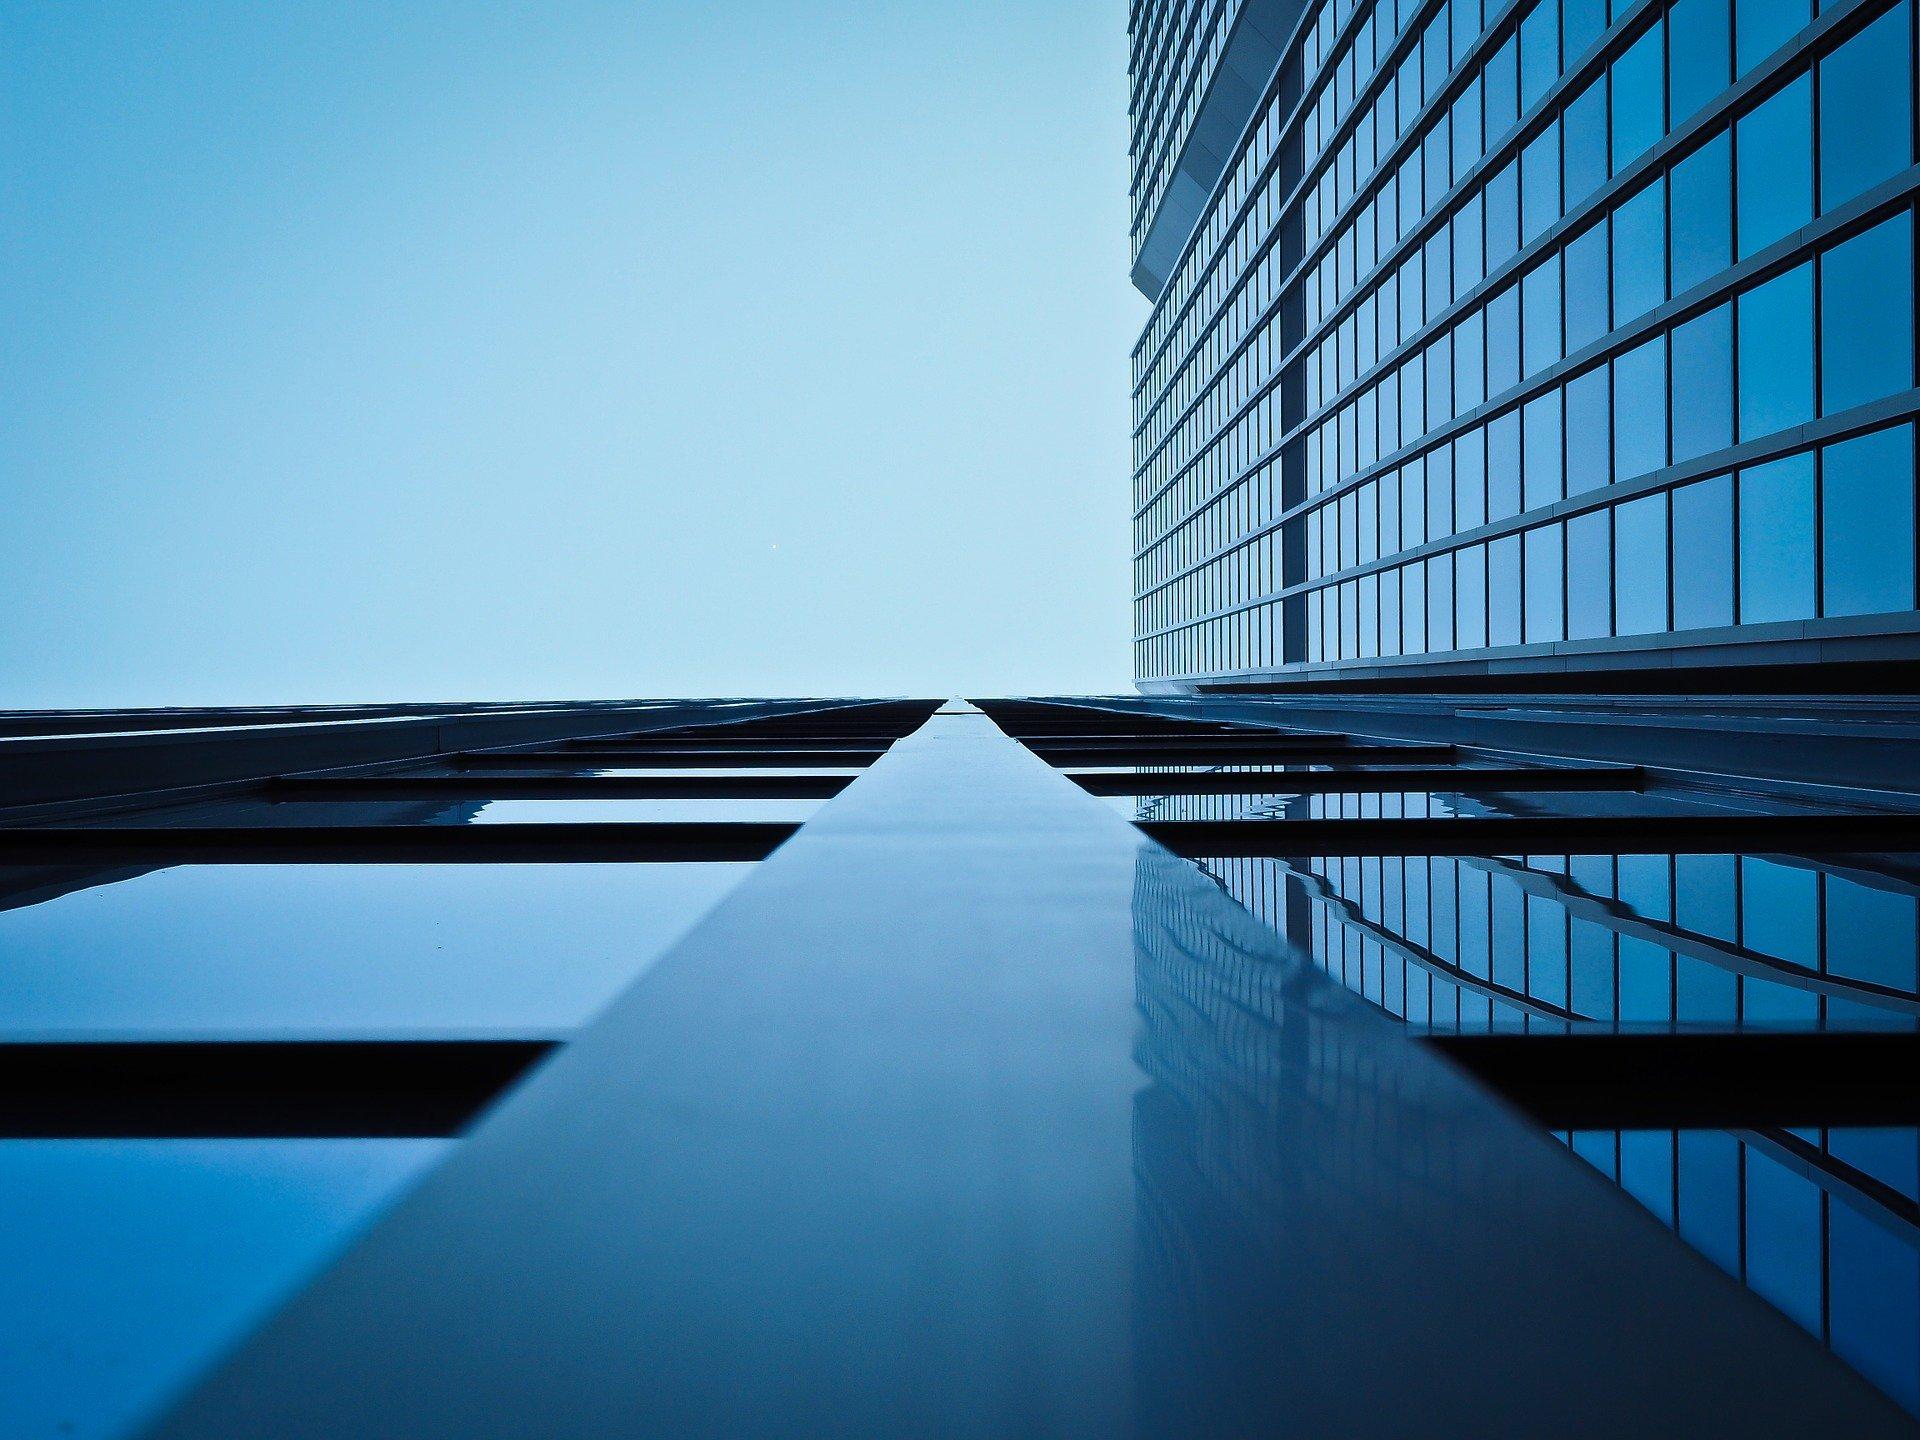 Bénéficiez d'un déficit foncier pour vos travaux dans l'immobilier